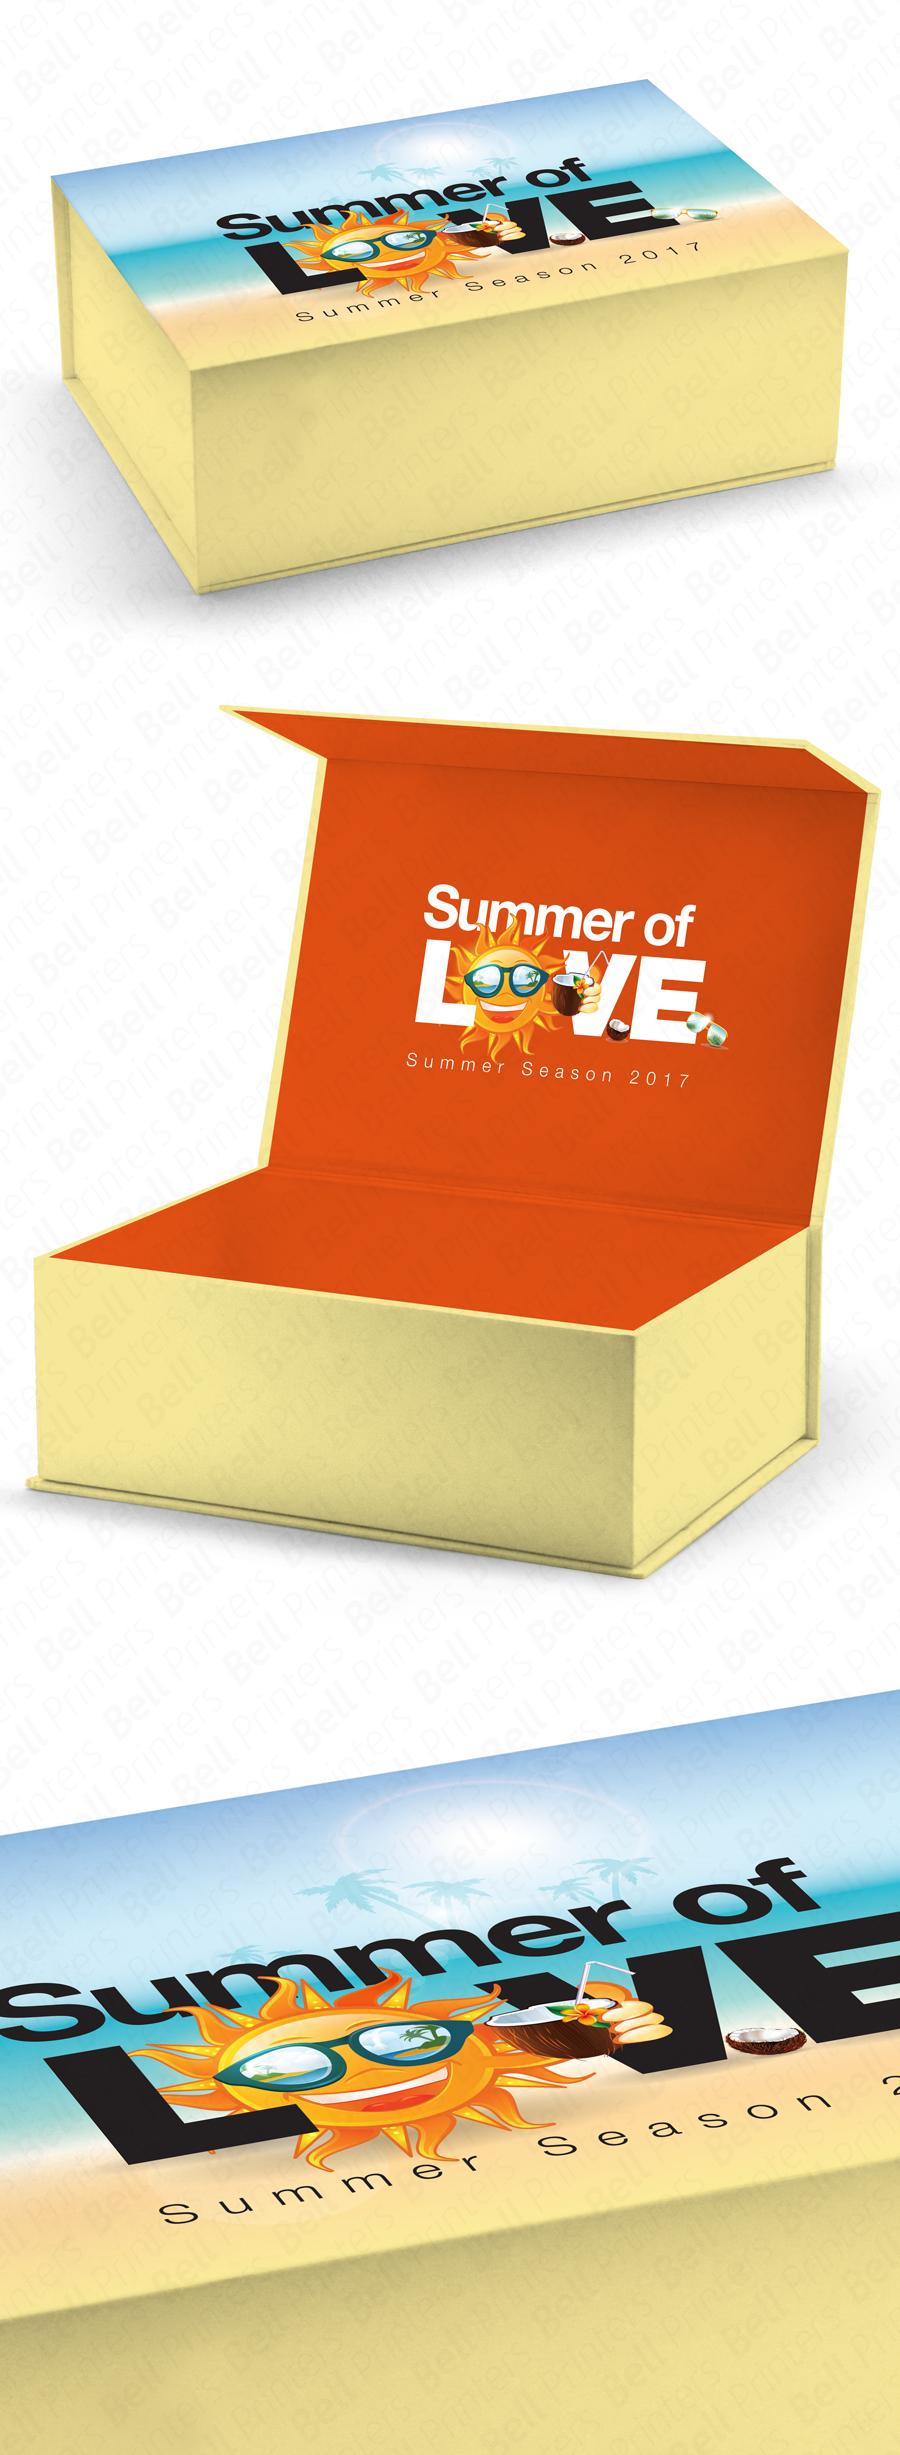 Summer-LoveP